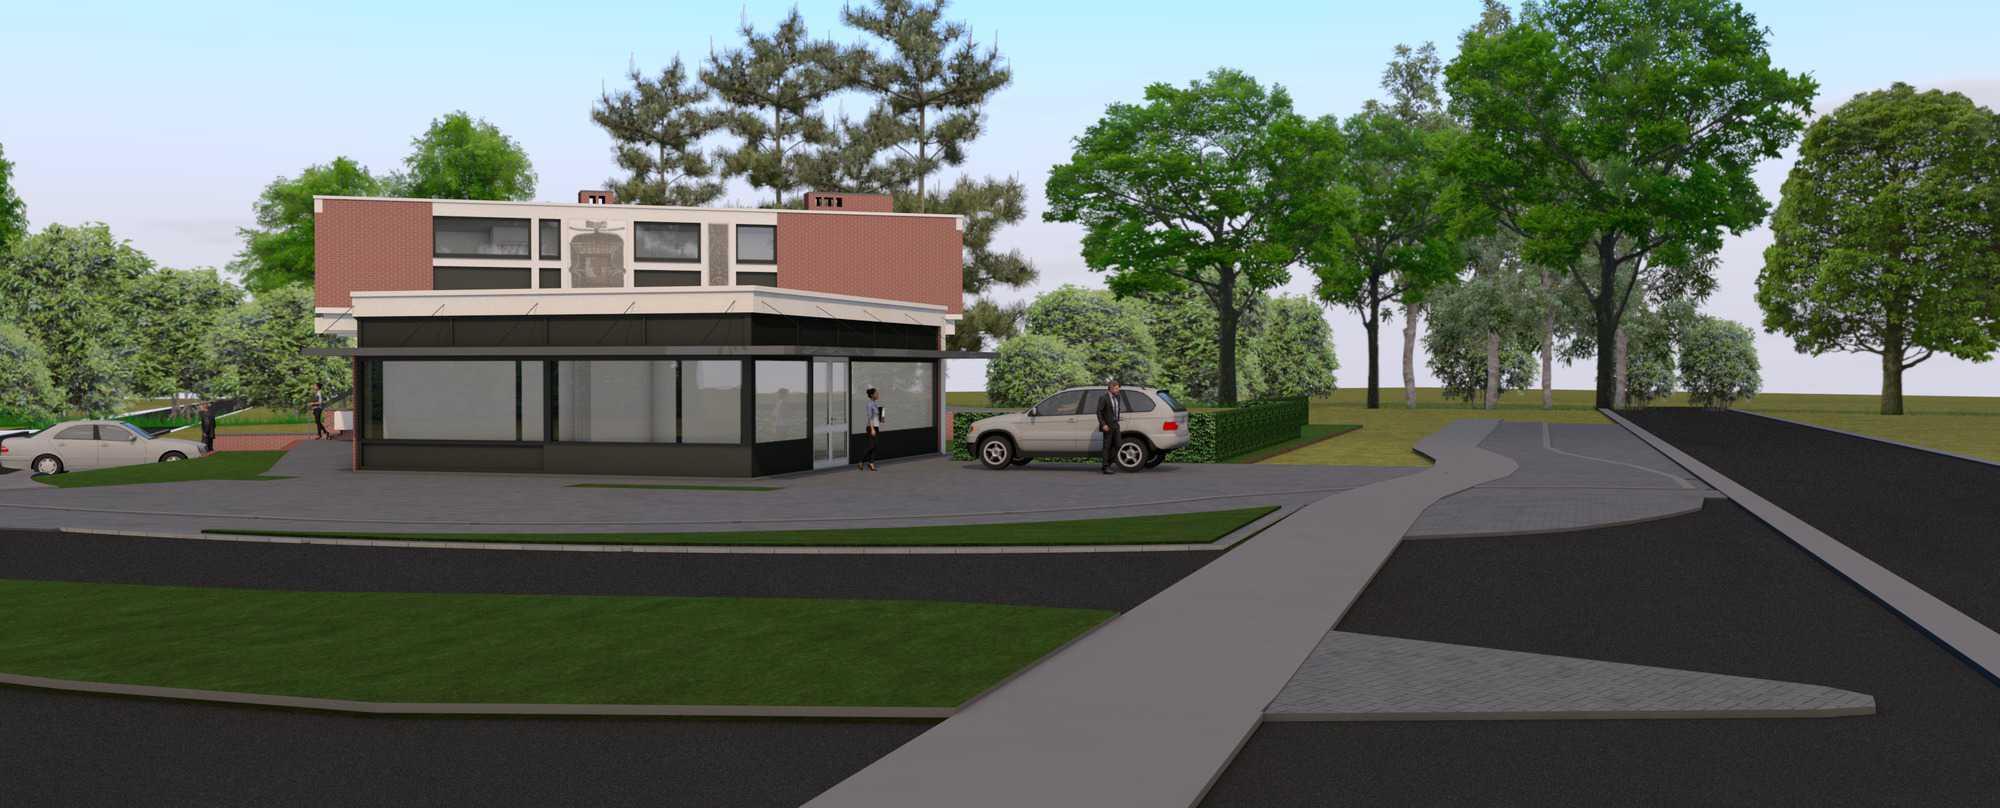 Detail afbeelding 3 van Verbouwing Modernistische Villa | Ontwerp door architect Patrick Strackx